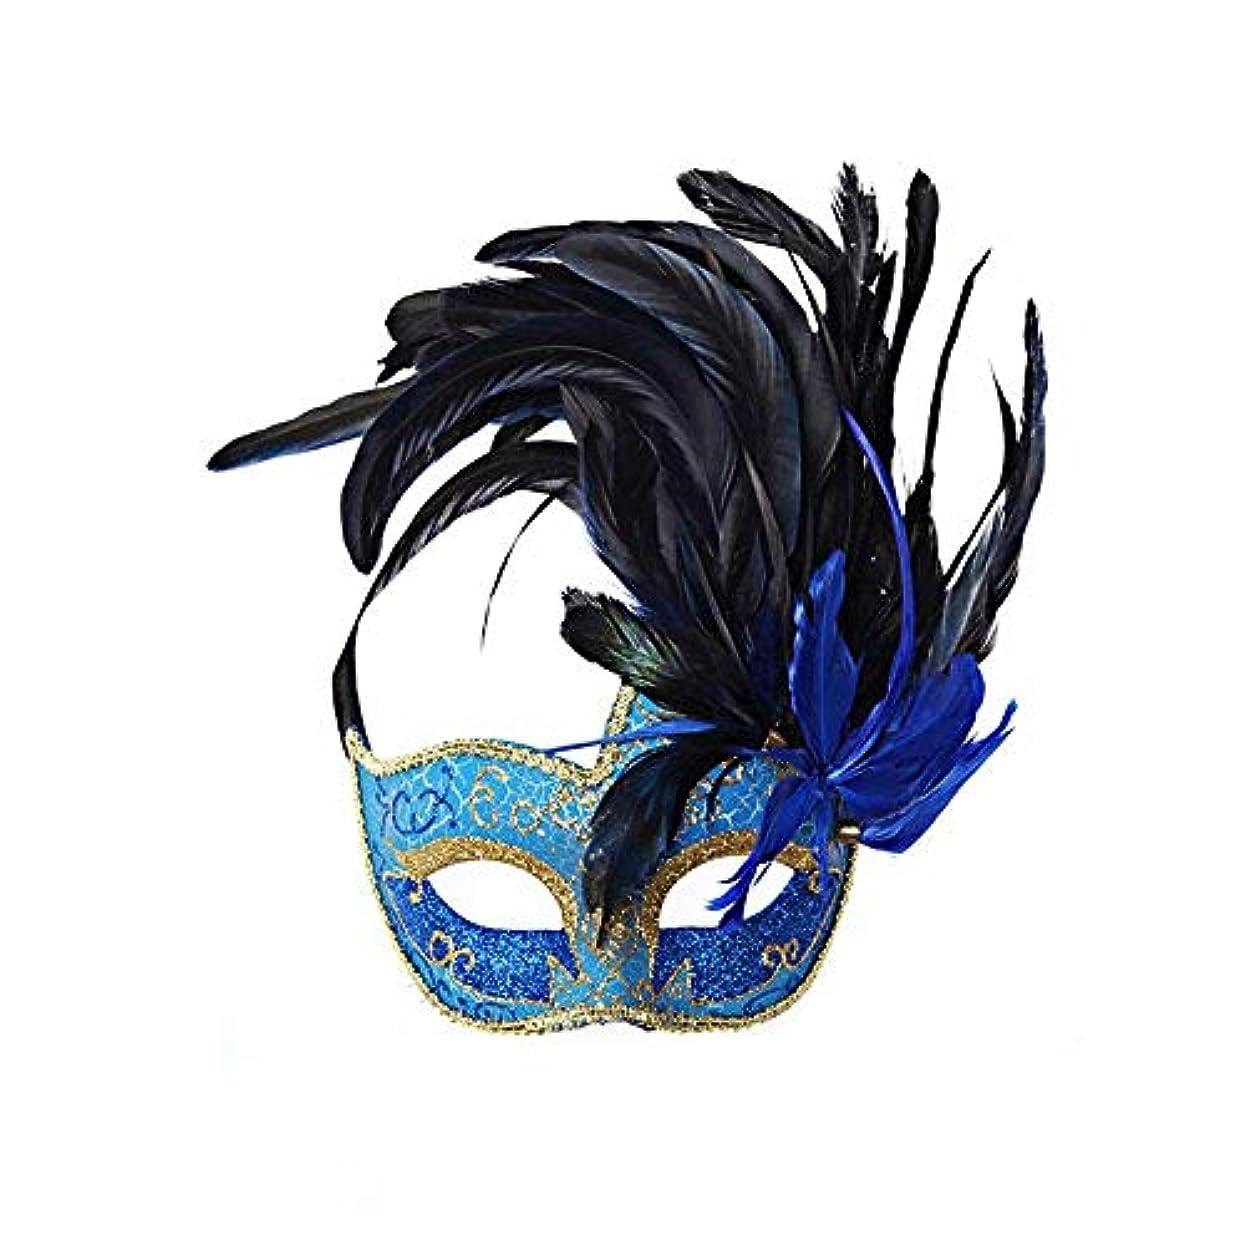 八百屋さん設置アレルギー性Nanle ハロウィンマスクハーフフェザーマスクベニスプリンセスマスク美容レース仮面ライダーコスプレ (色 : Style A blue)